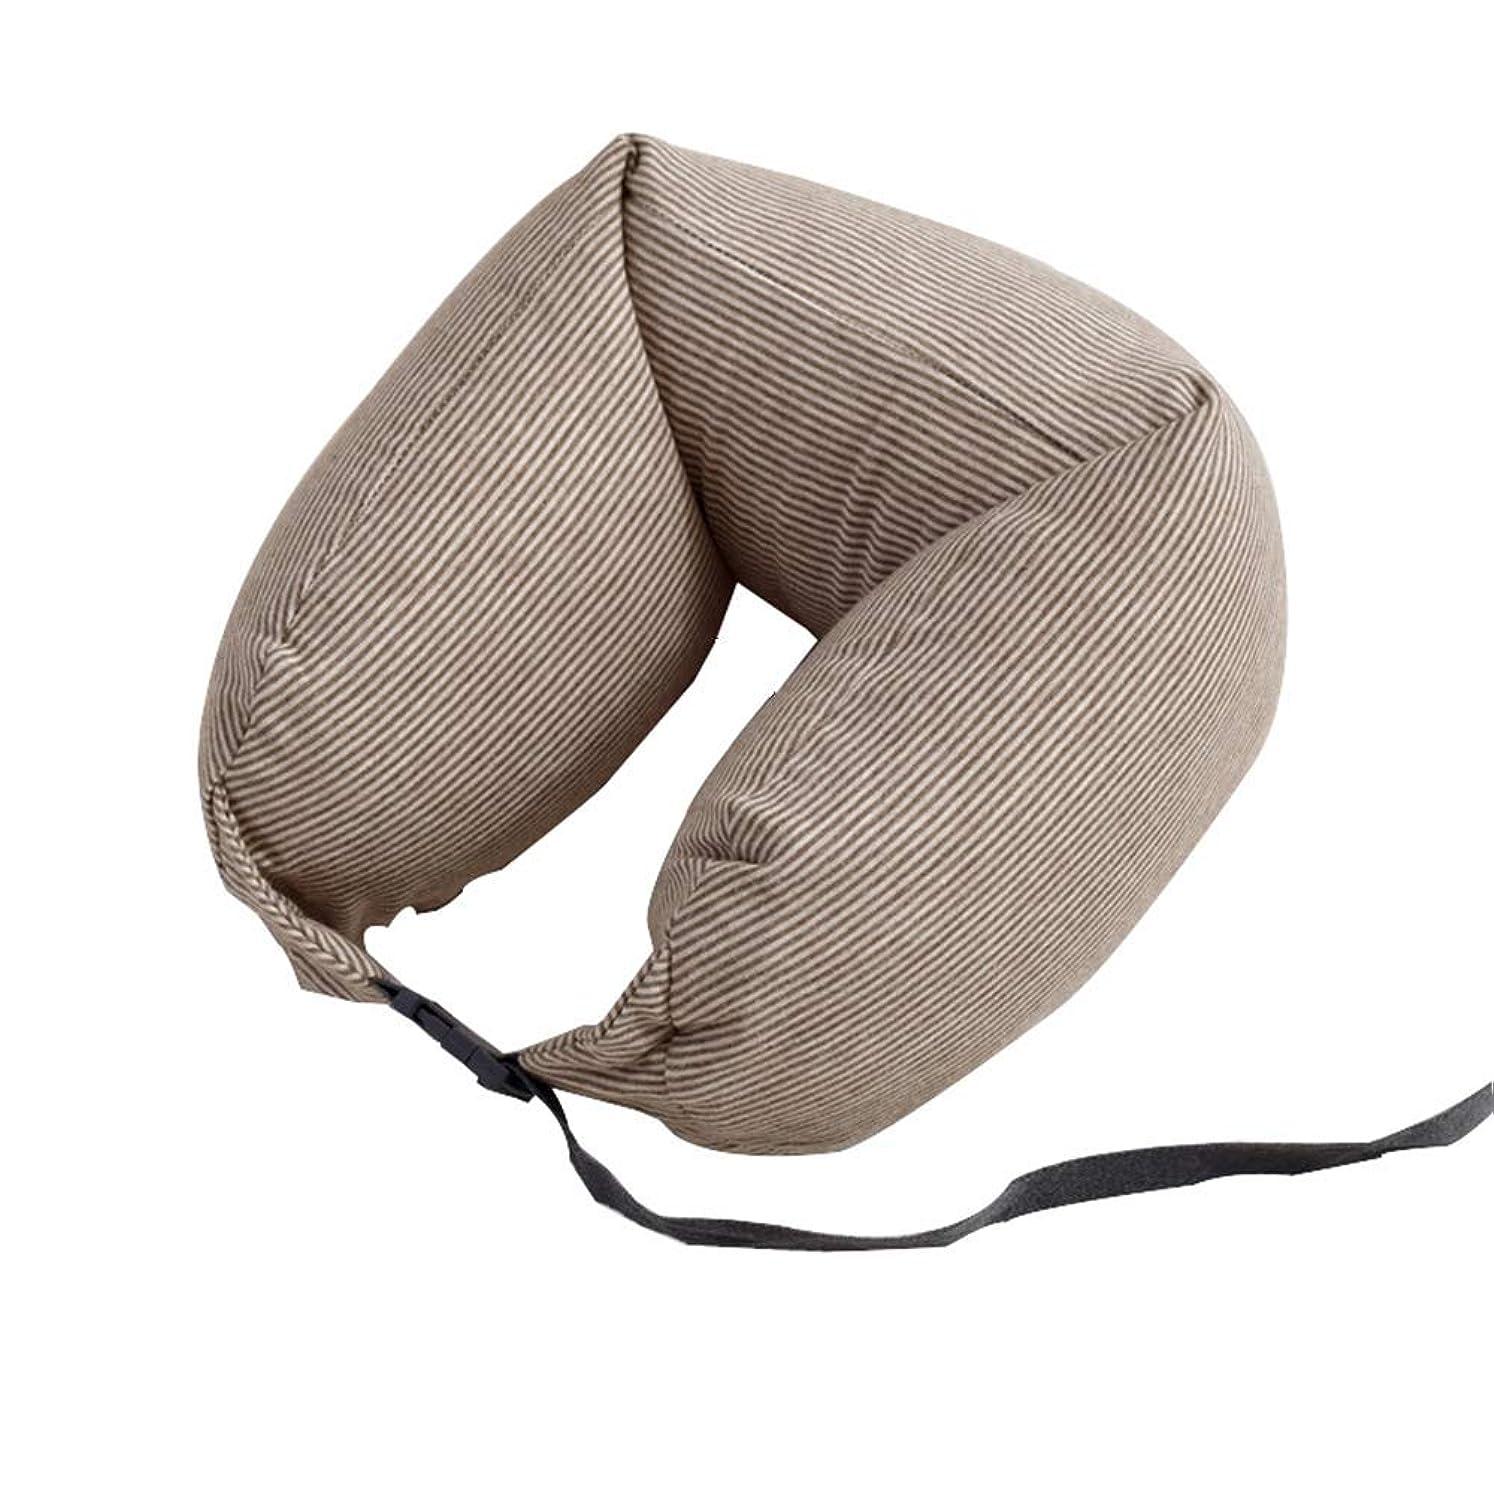 リス純粋に狂うネックピロー ネッククッション 洗えるカバー 無地 ストライプ 携帯枕 低反発 飛行機 旅行 出張 新幹線 便利 昼寝枕 まくら グレー コーヒー ブルー ピンク グリーン